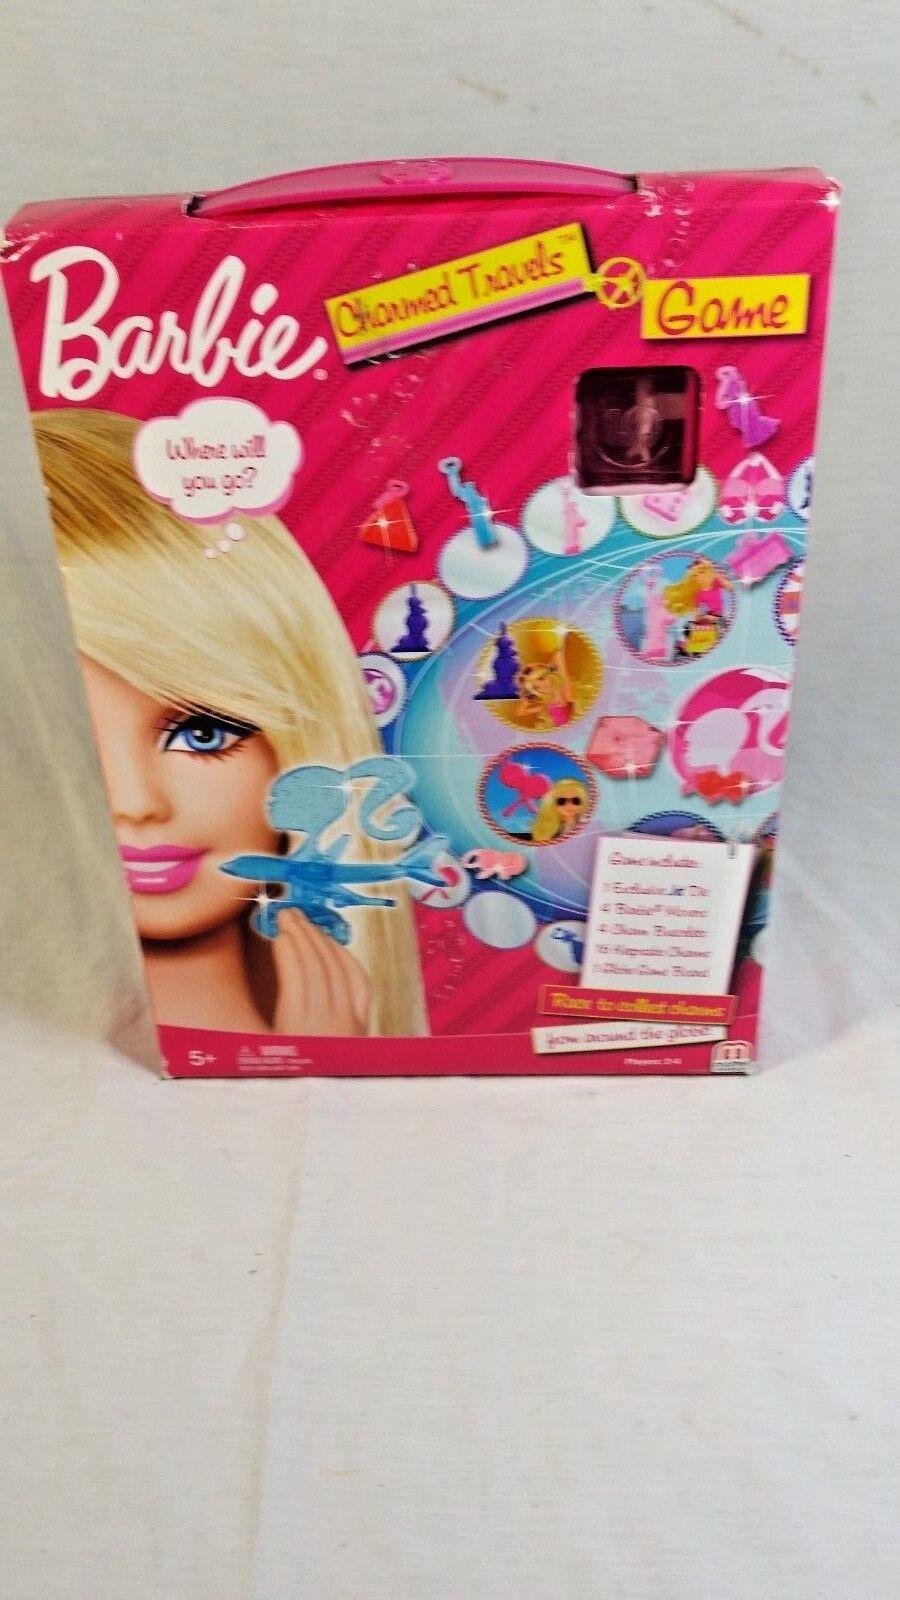 Rare Barbie Charmed  Travels Charm Bracelet Jewelry tavola gioco NOS Factory Sealed  tutto in alta qualità e prezzo basso